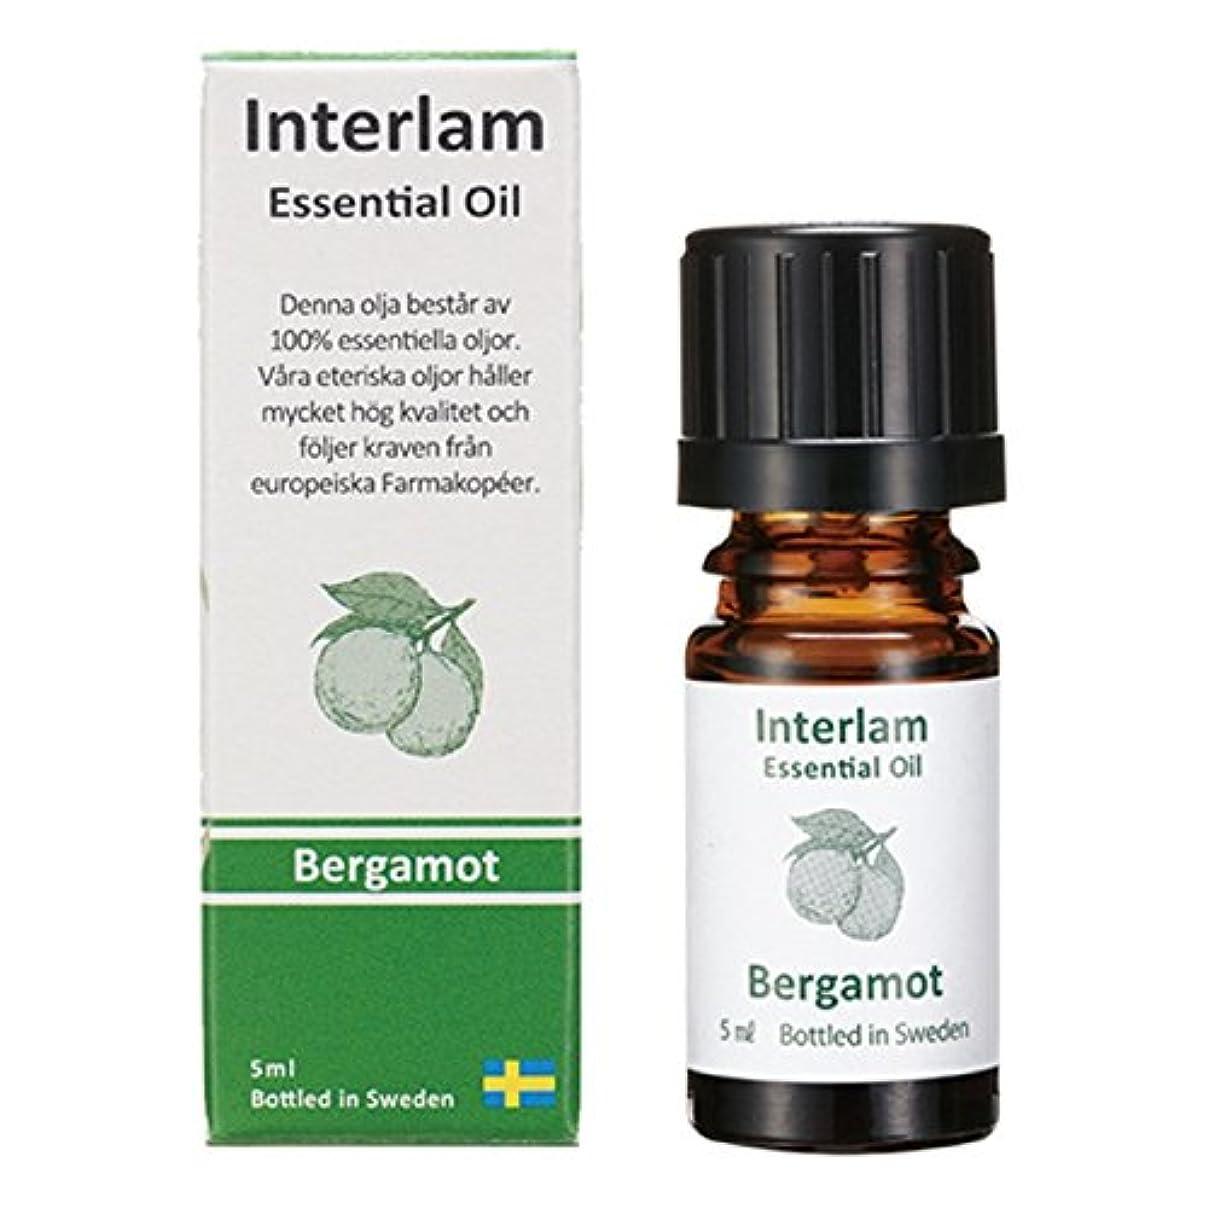 熱法律粘土Interlam エッセンシャルオイル ベルガモット 5ml